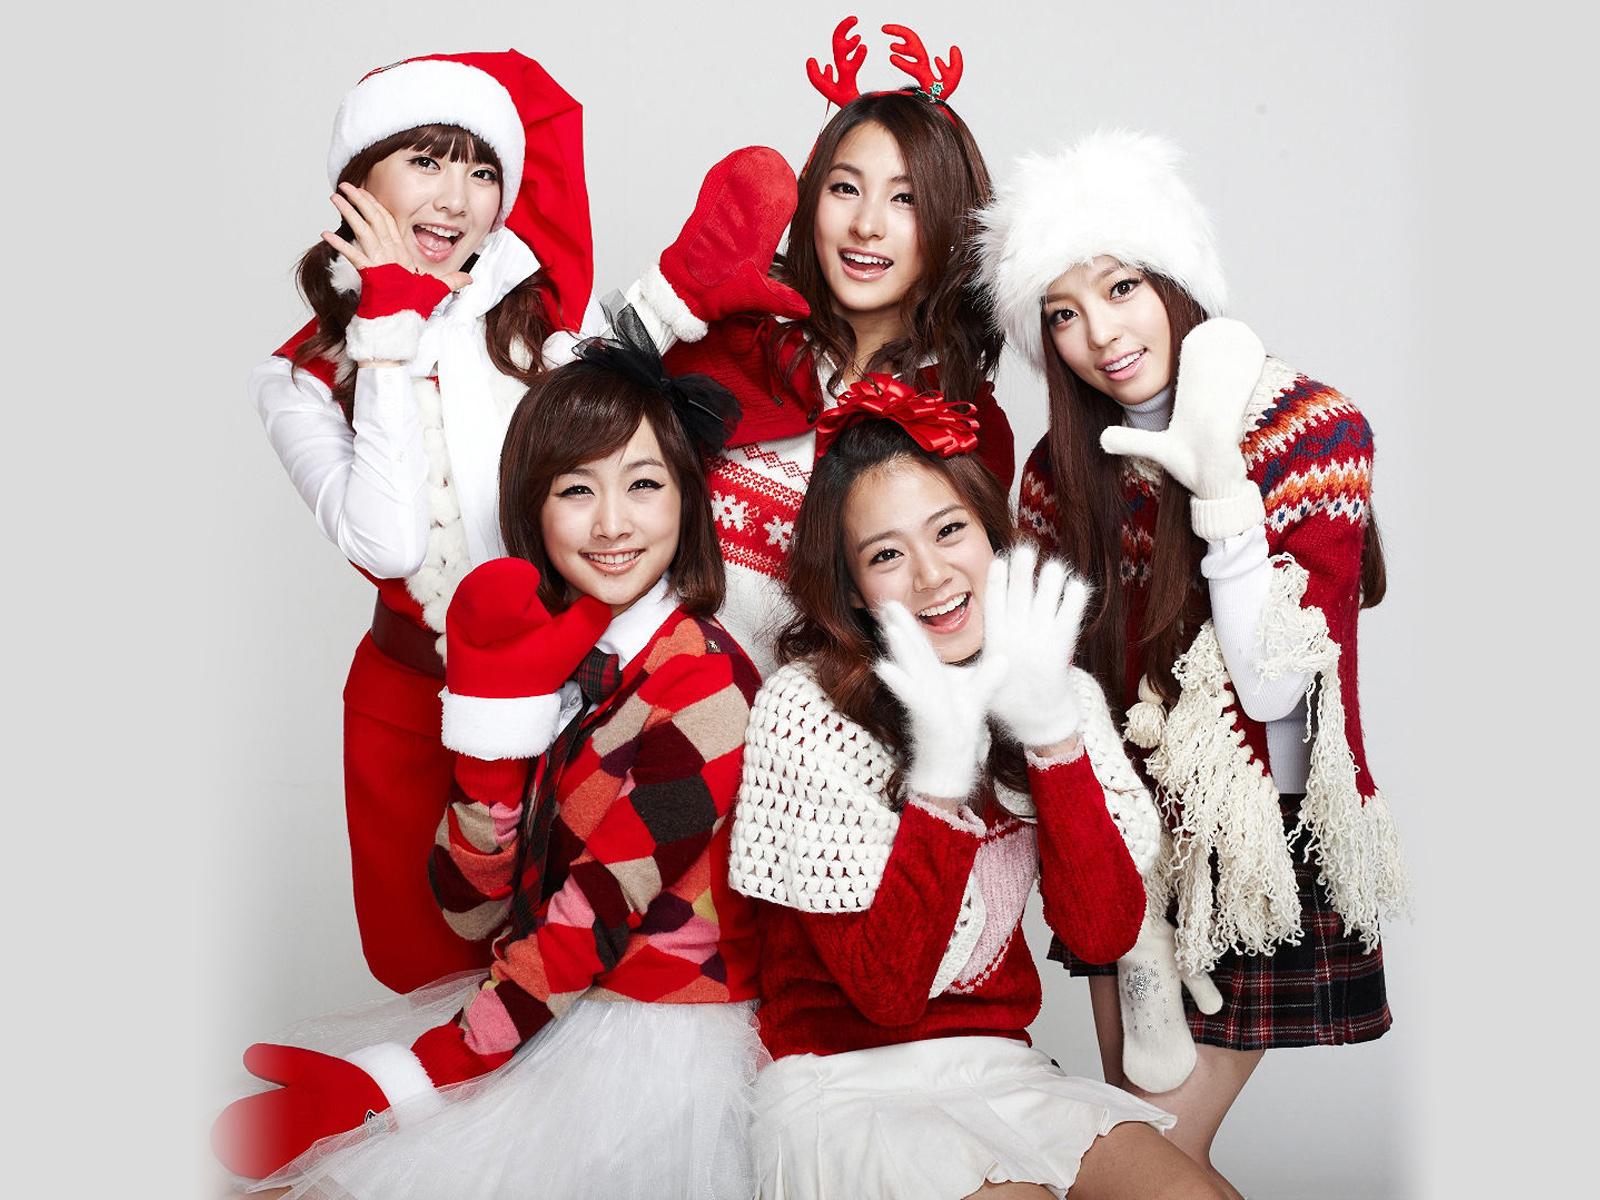 Kara_Christmas.